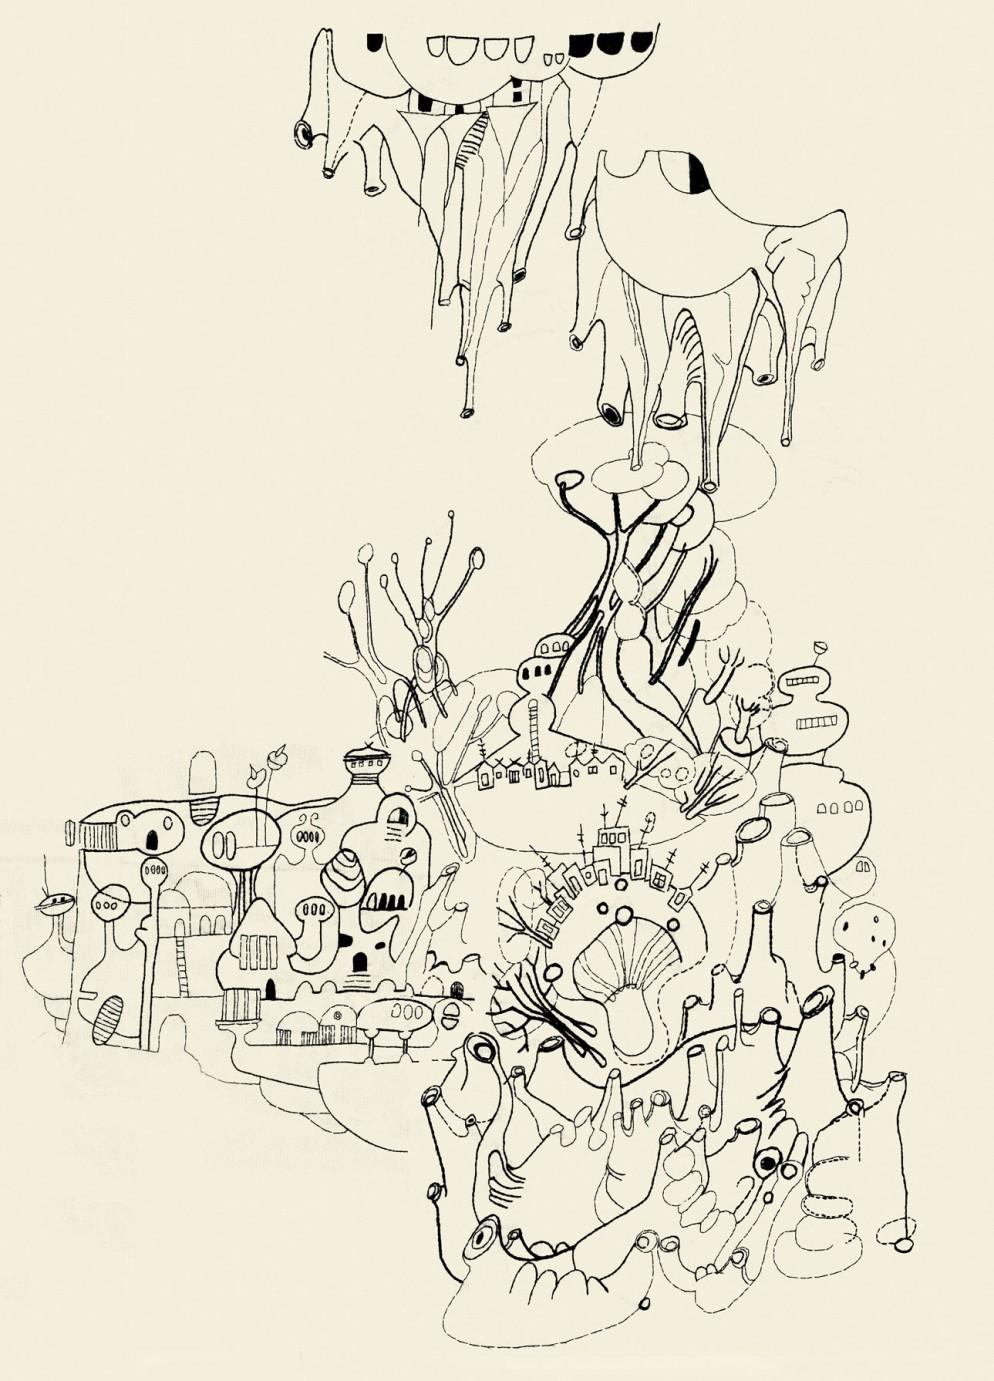 Davide-Gallo-Arte-Contemporanea_R.-Agnes,-Untitled,-190x140cm,-punto-erba-su-cotone,-2016